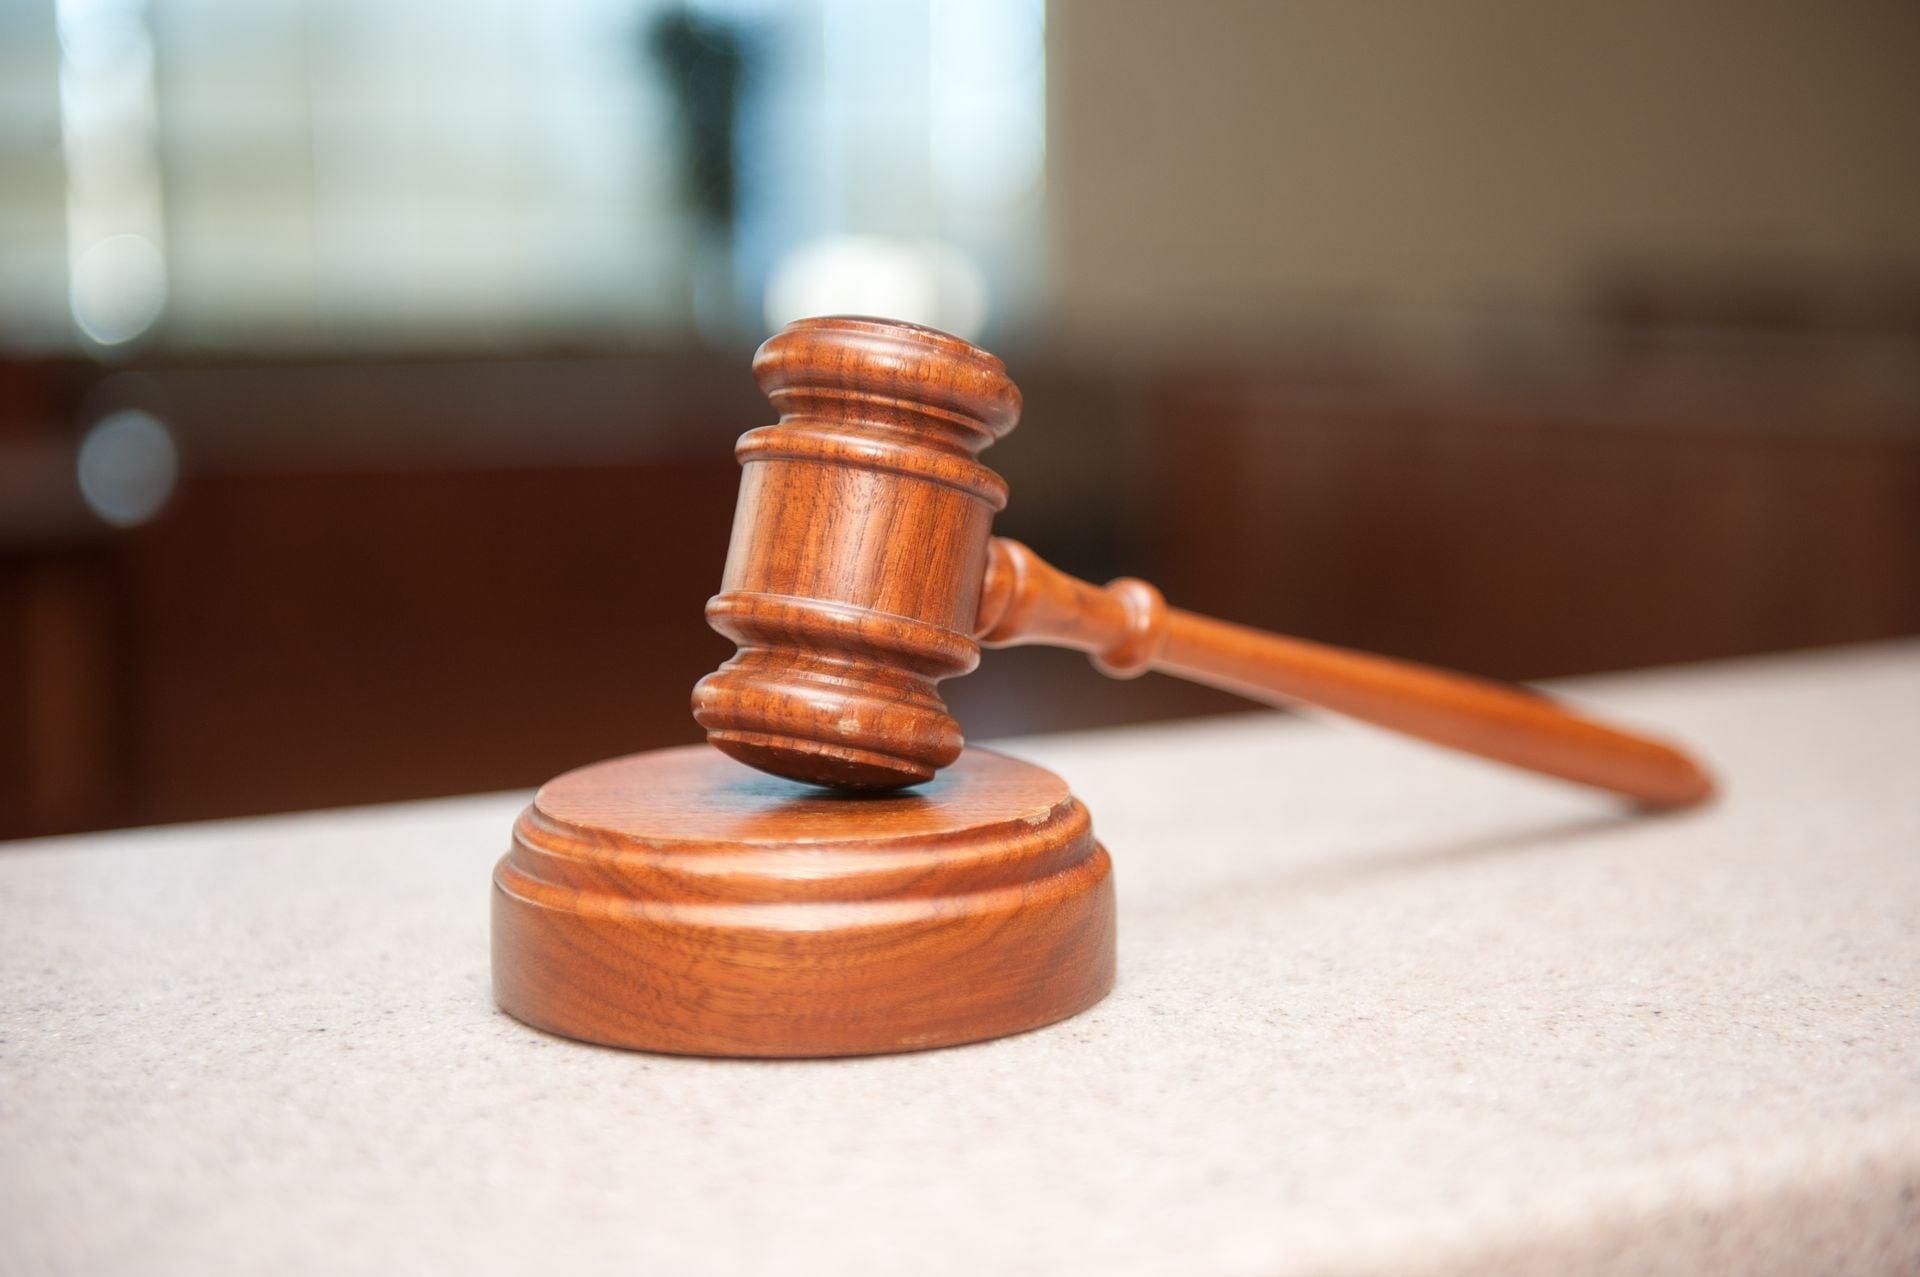 Прокуратура Намского района Якутии подала иски в суд на должников по алиментам